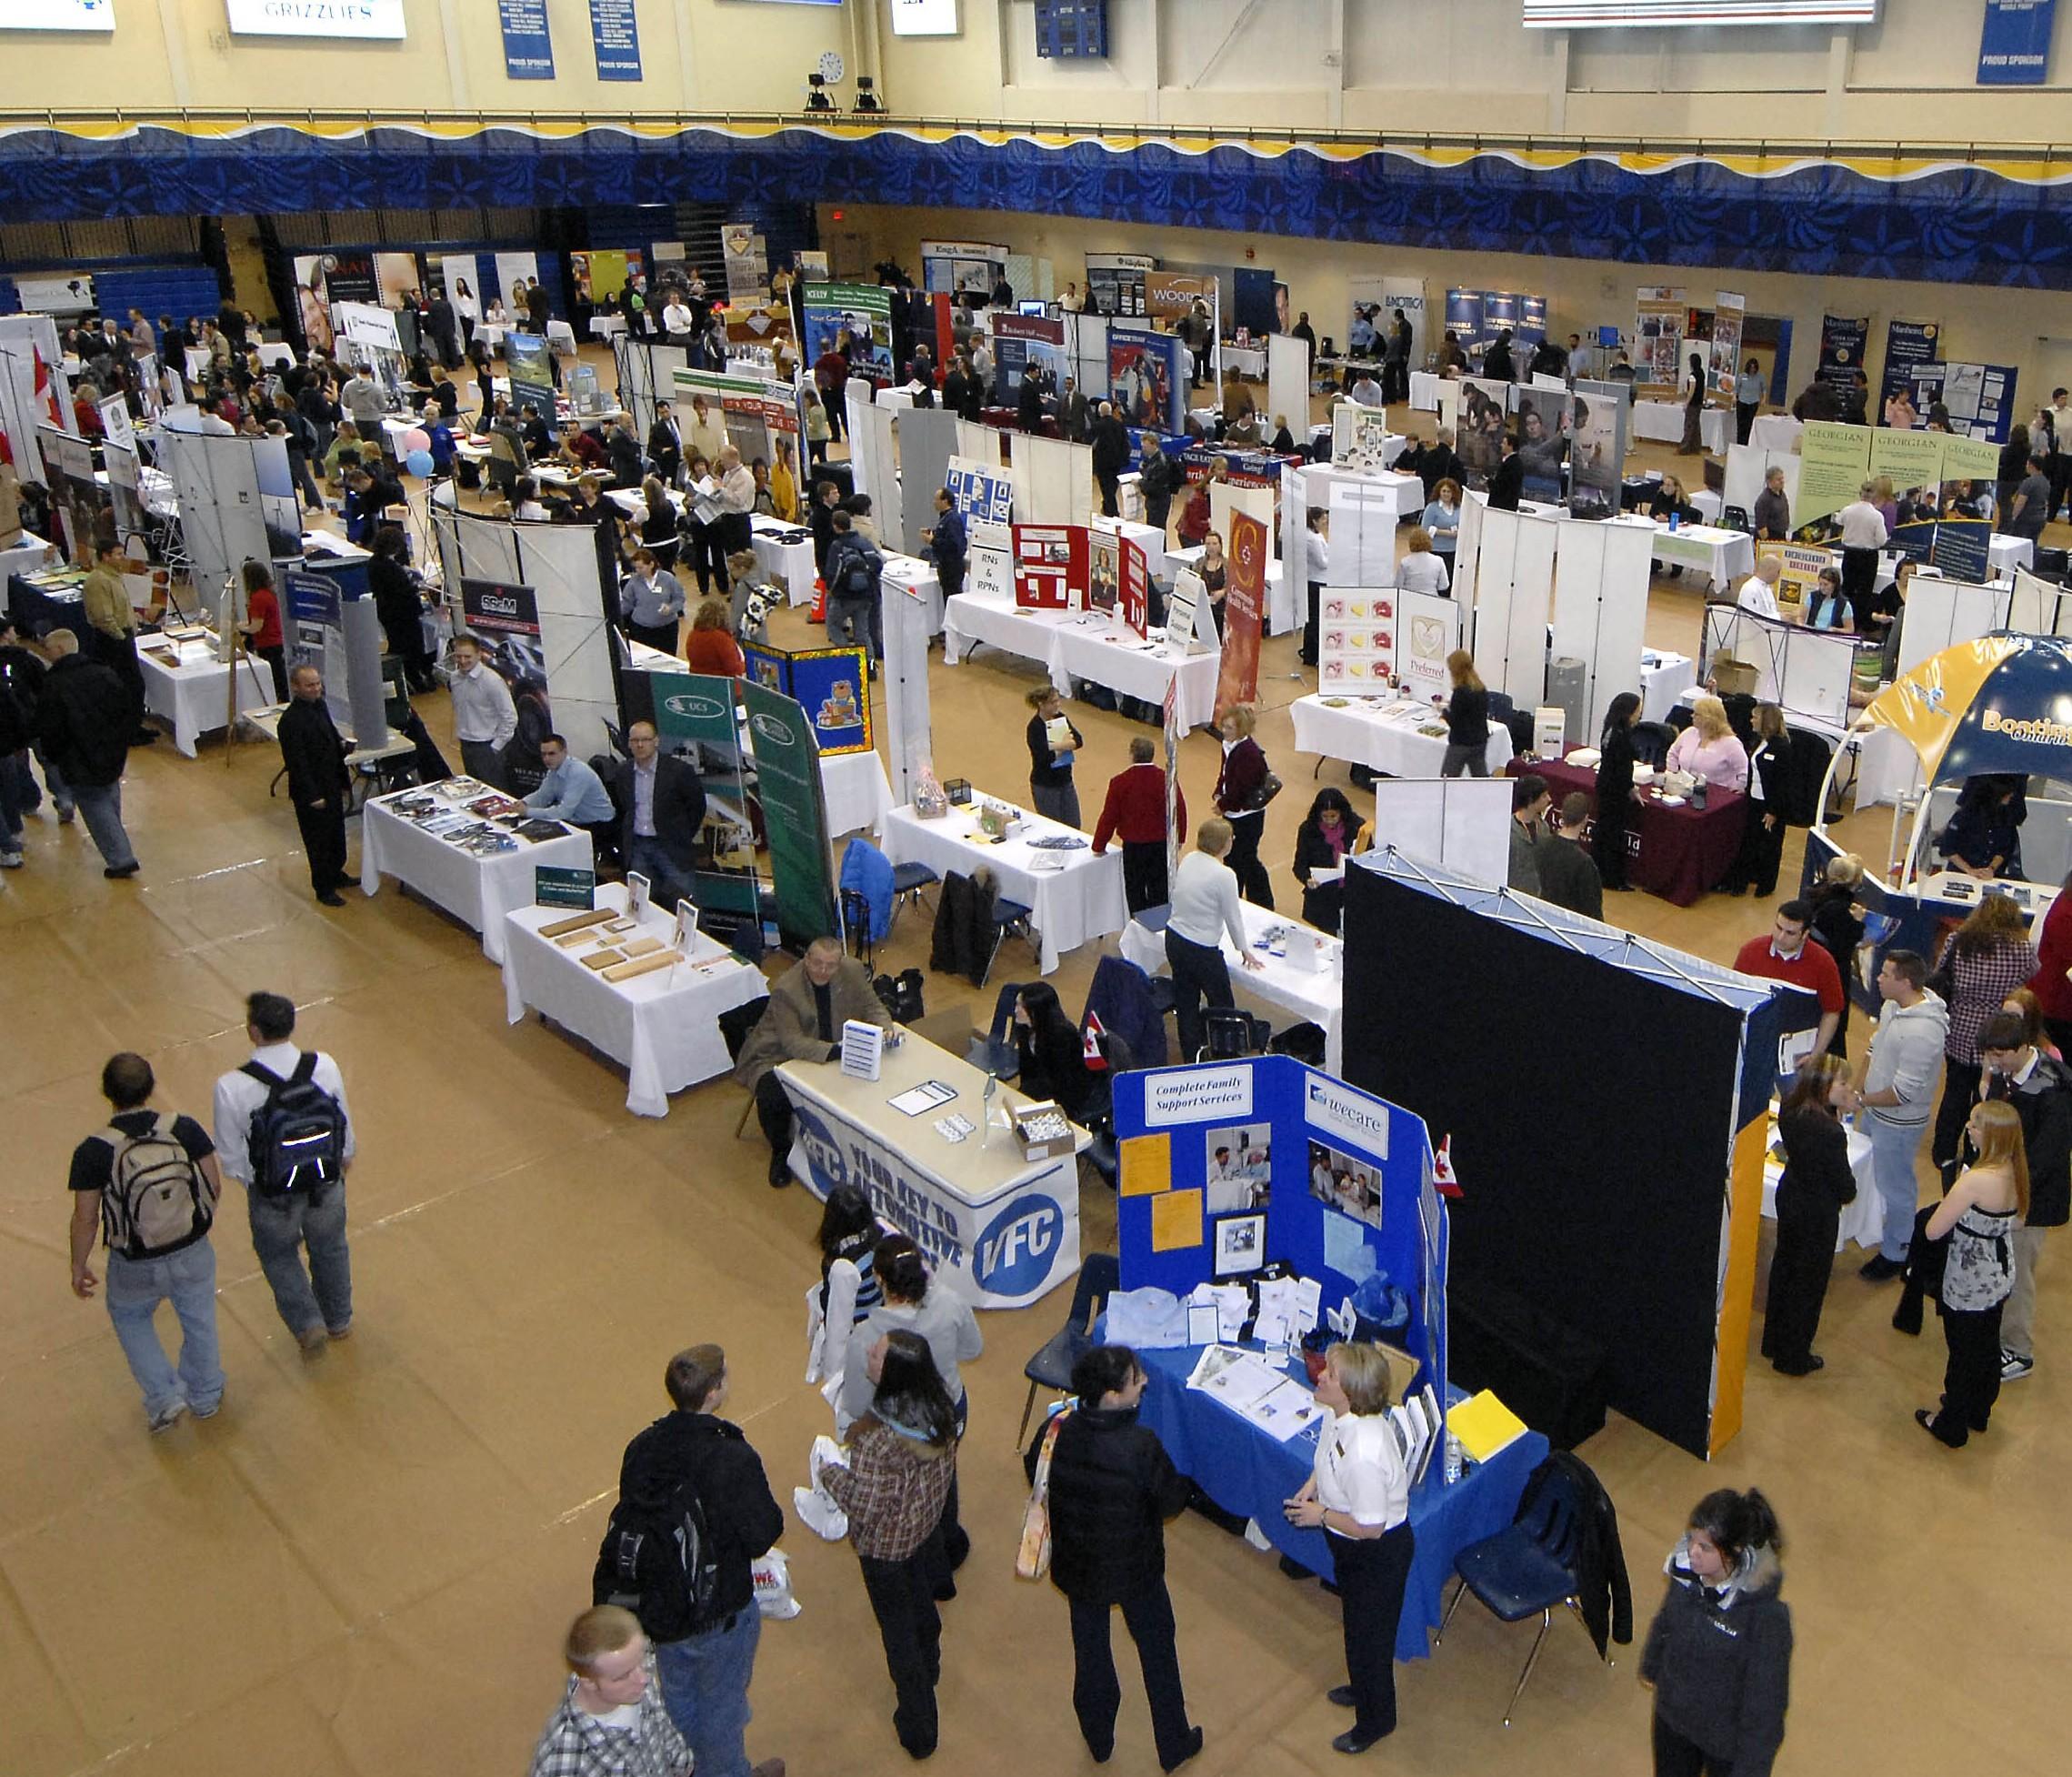 Hundreds of job seekers at a job fair.